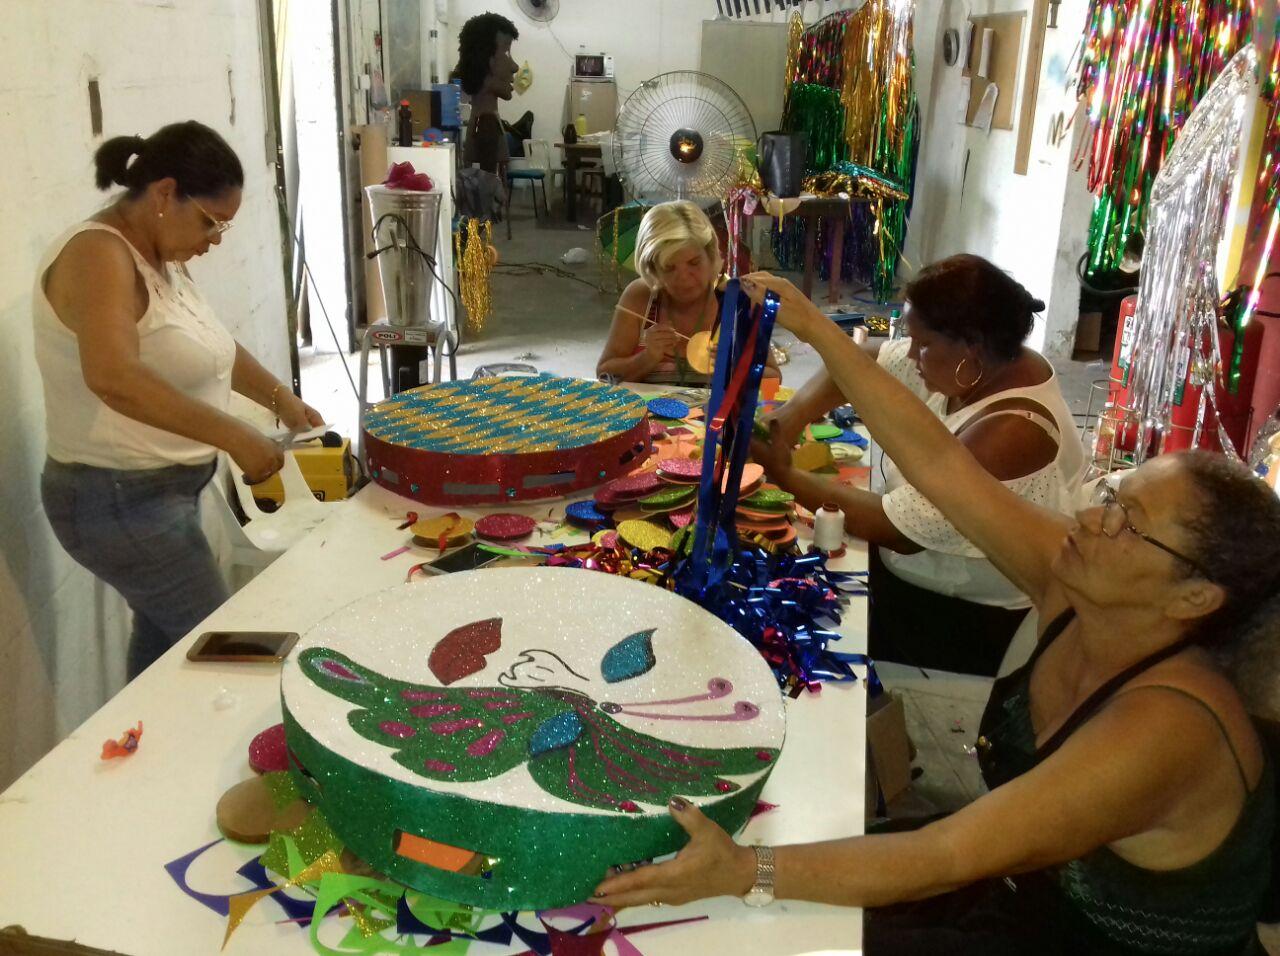 Corso e Desfile de Bonecões abrem Carnaval de Antigamente de Caraguá nesta sexta-feira (Fotos: JC Curtis/Fundacc)